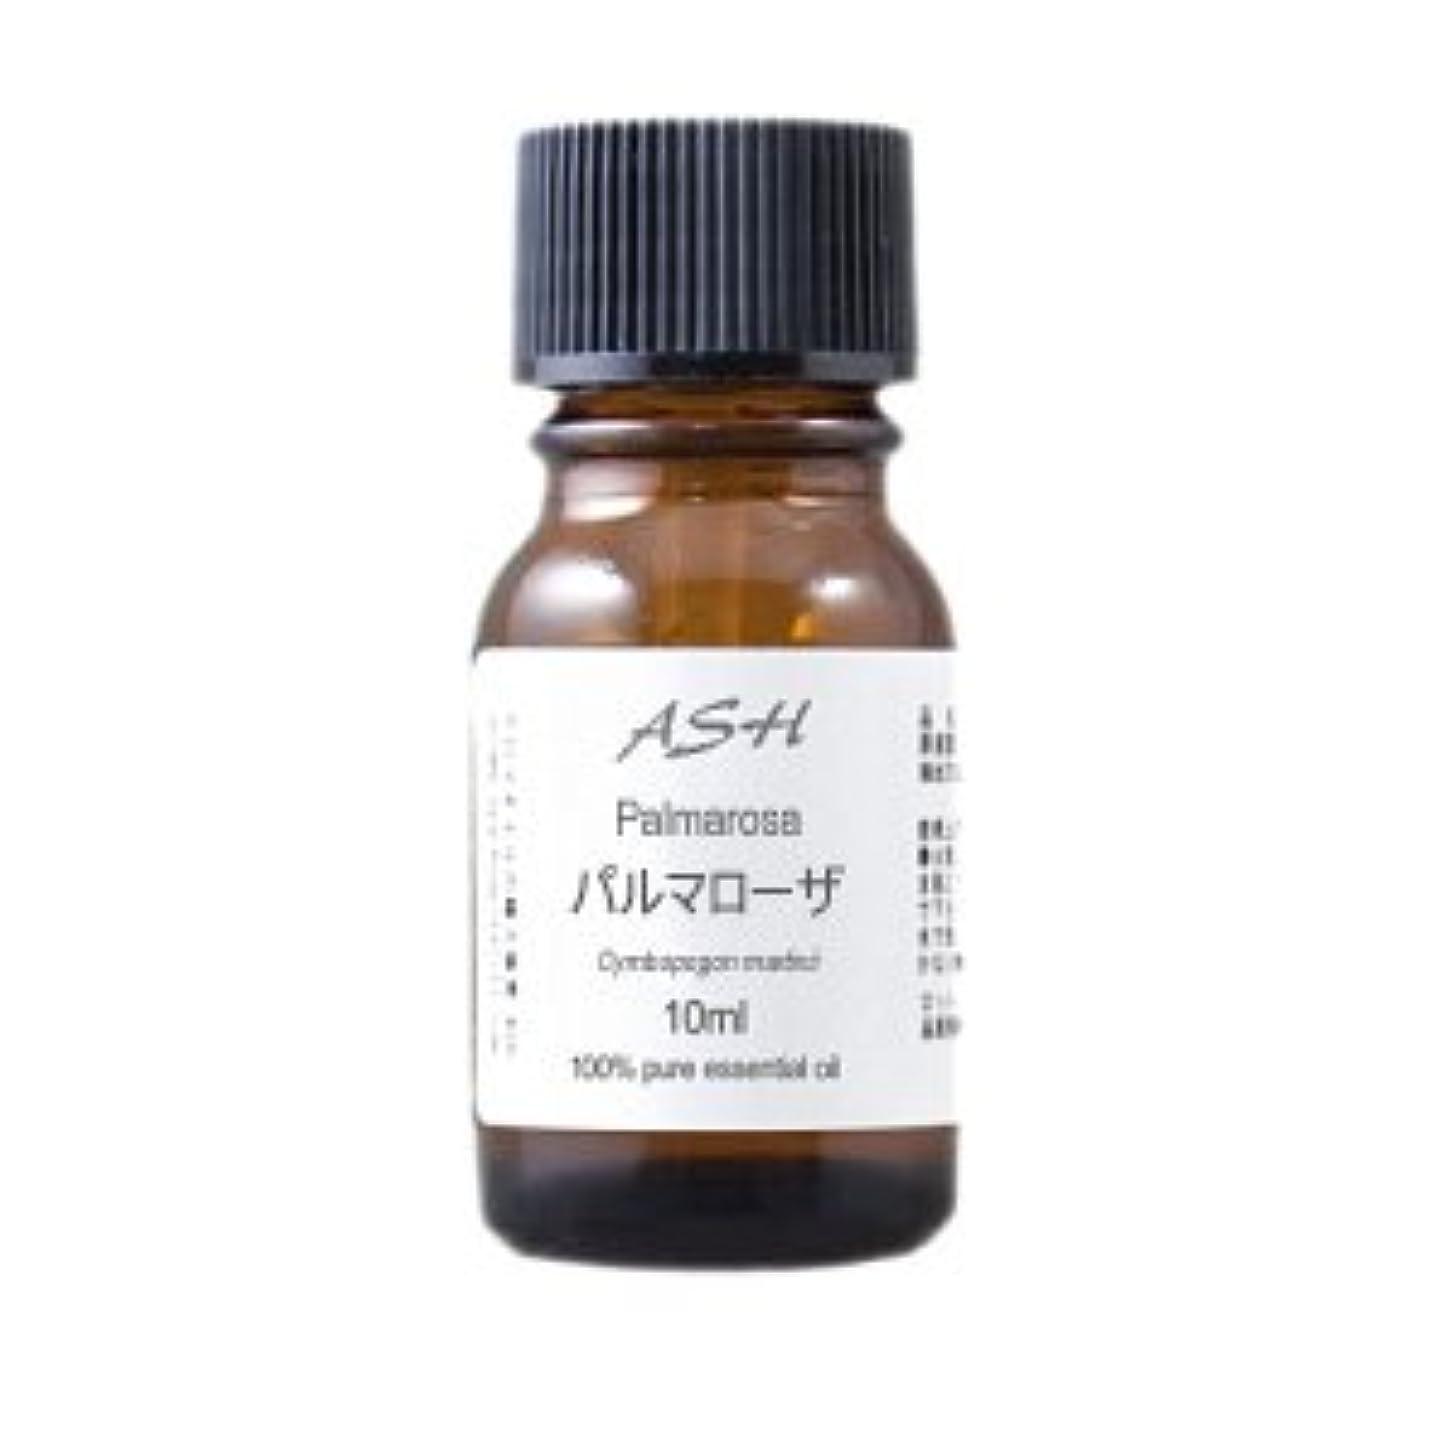 付ける聡明本体ASH パルマローザ エッセンシャルオイル 10ml AEAJ表示基準適合認定精油